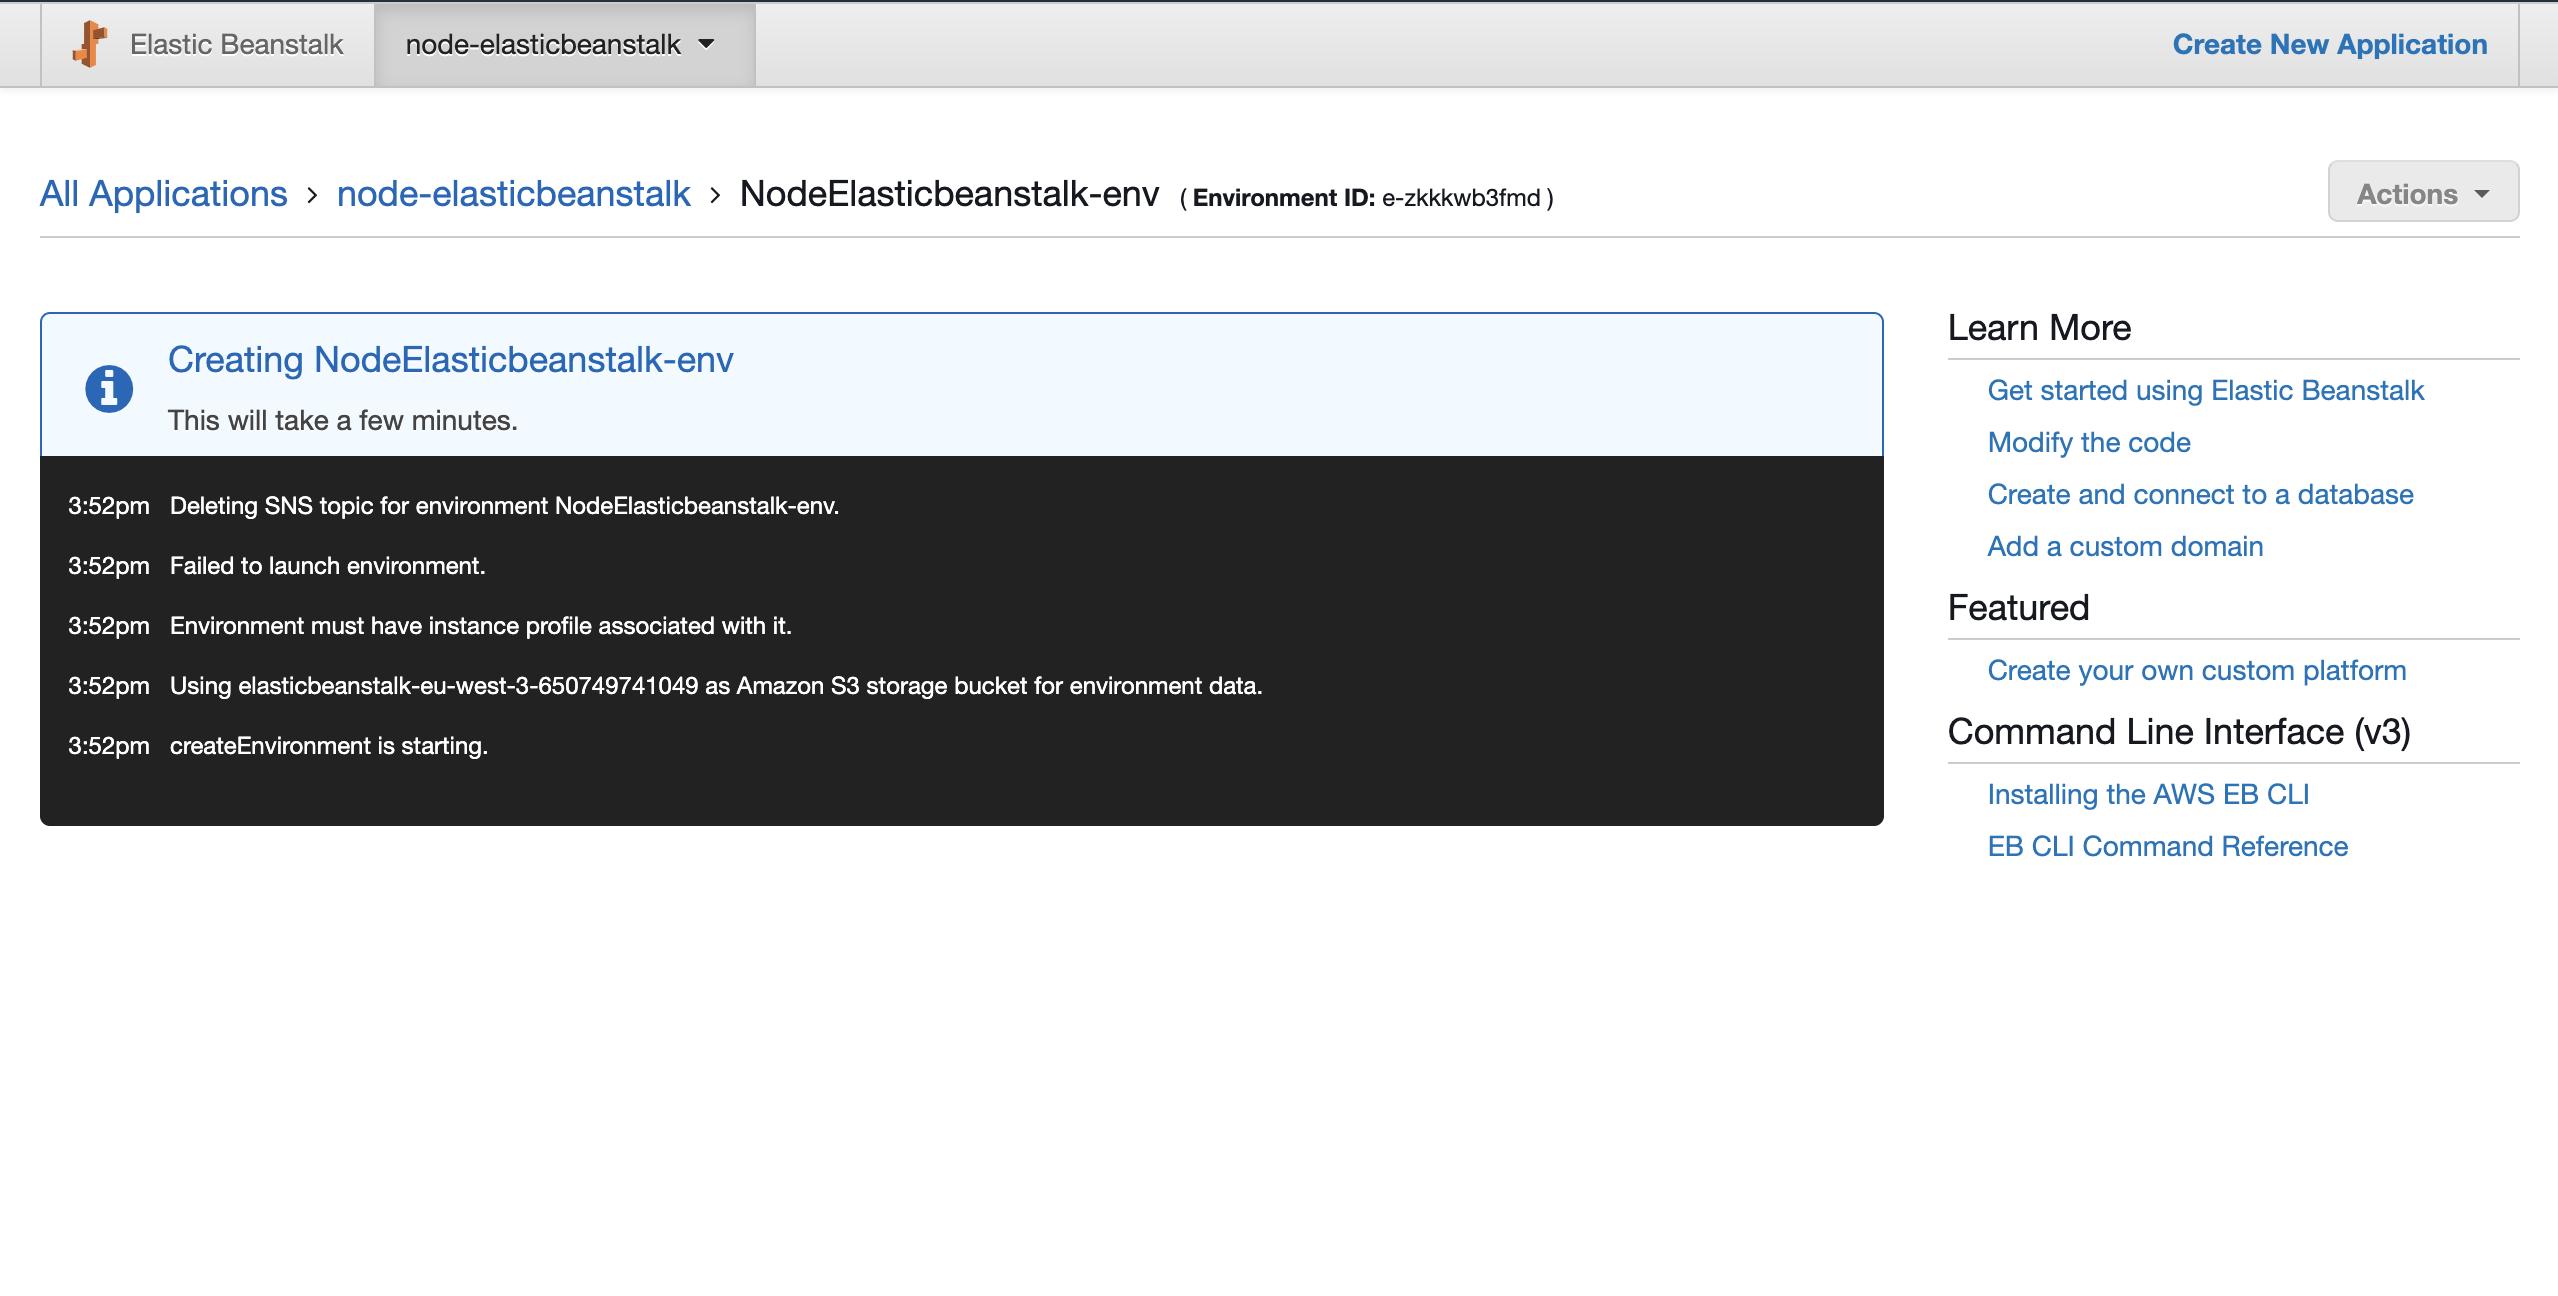 Elasticbeanstalk App creating